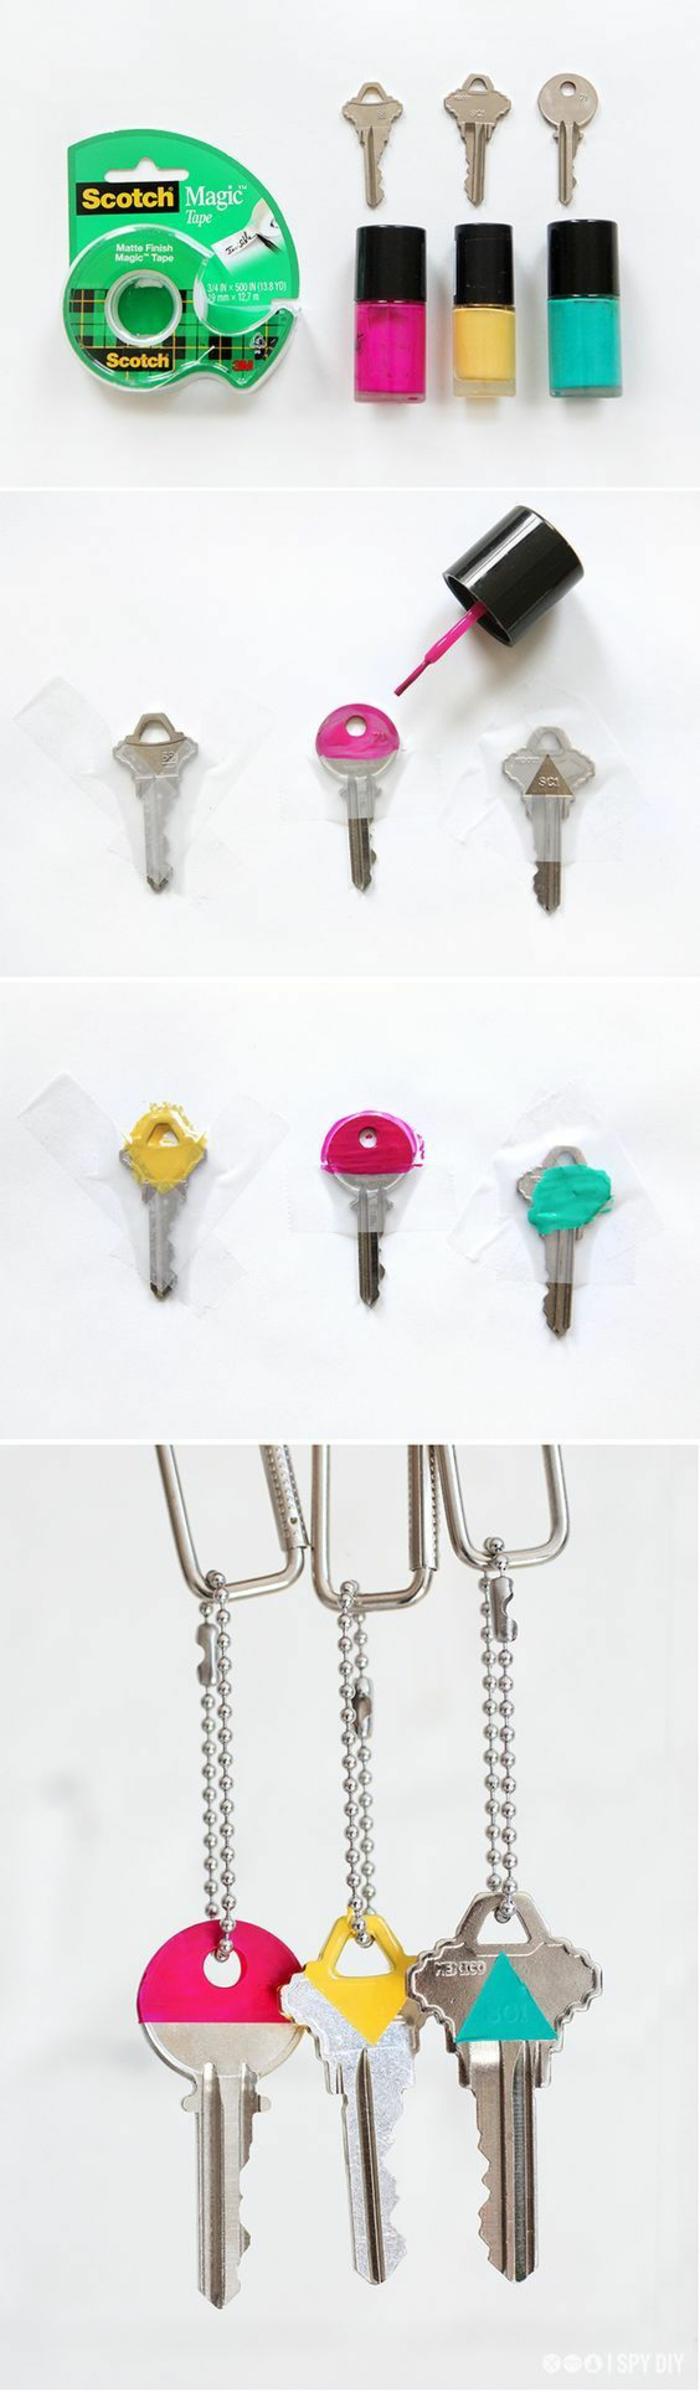 bastelideen mit schlüsseln, deko farben, lack nagellack zum dekorieren von den schlüsseln, kreativ und easy zum finden, wenn sie sehr viele schlüssel haben